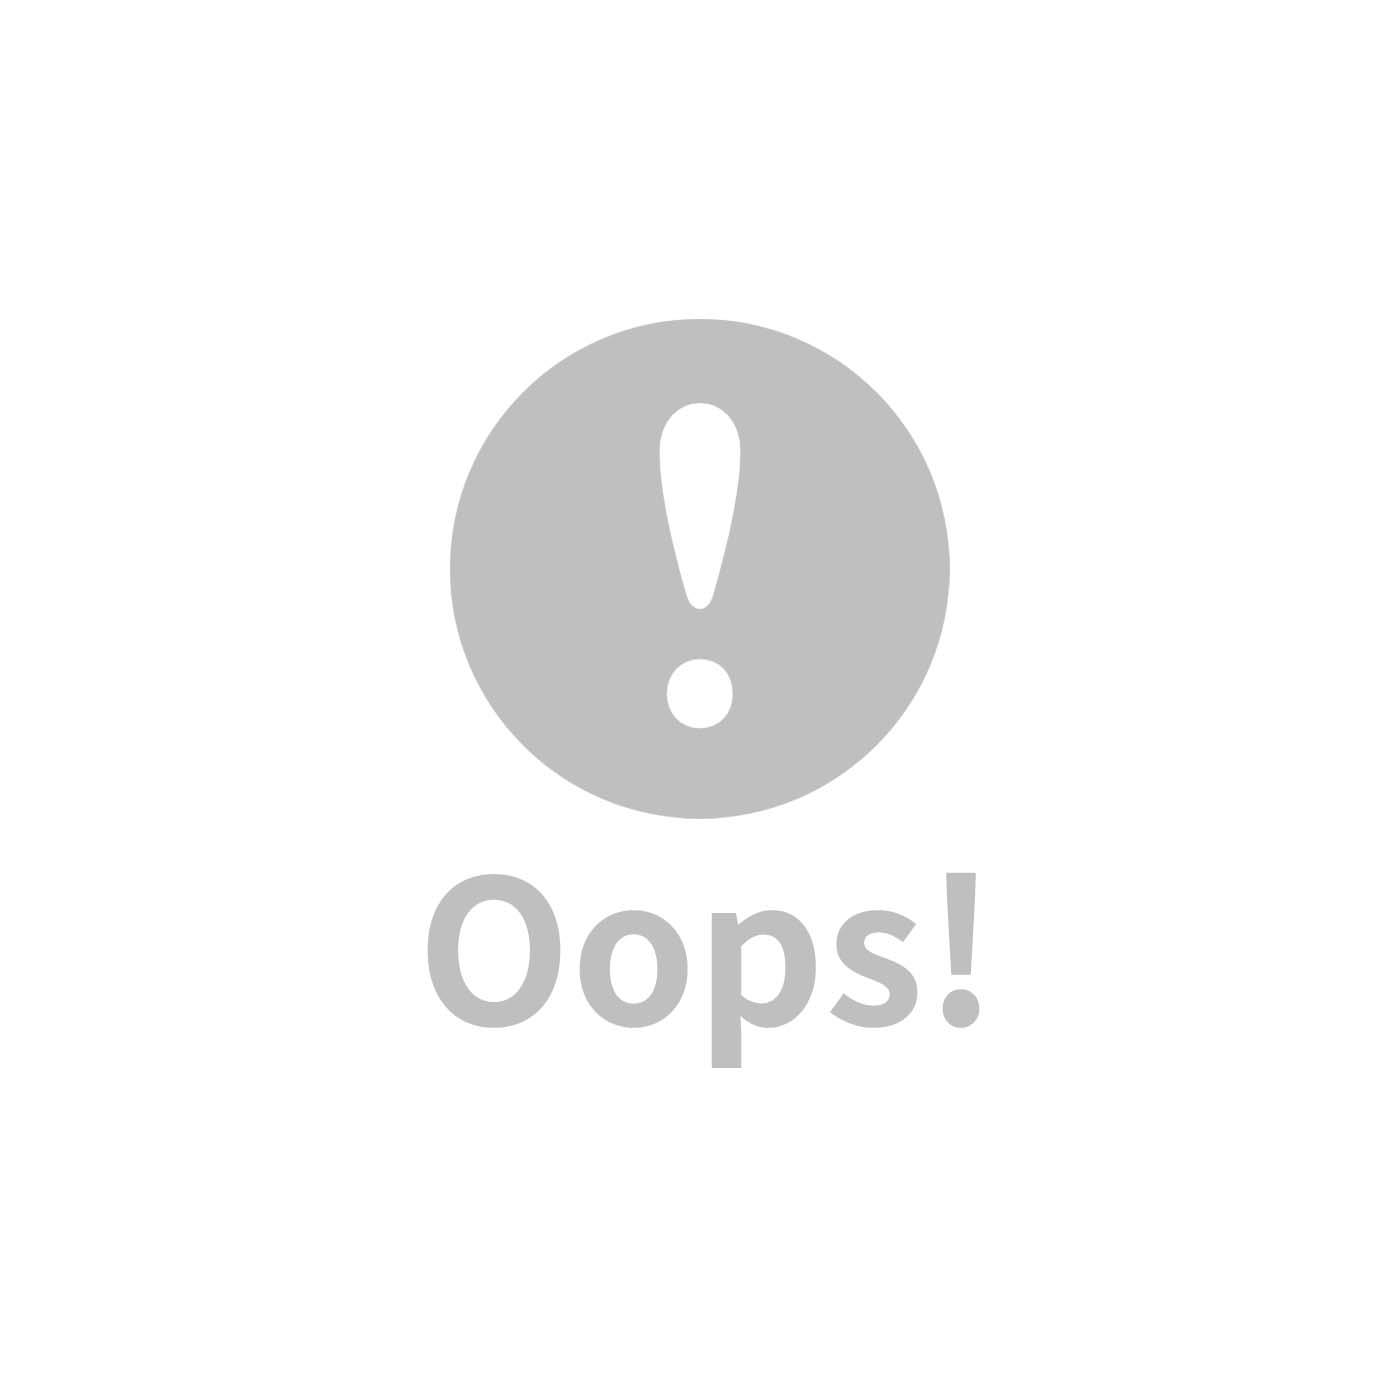 部落客香蕉太太黑人范范雙胞胎選擇-Kinderfeets 美國木製平衡滑步車/教具車-初心者三輪系列(紅魔法)/兒童滑步車/兒童玩具